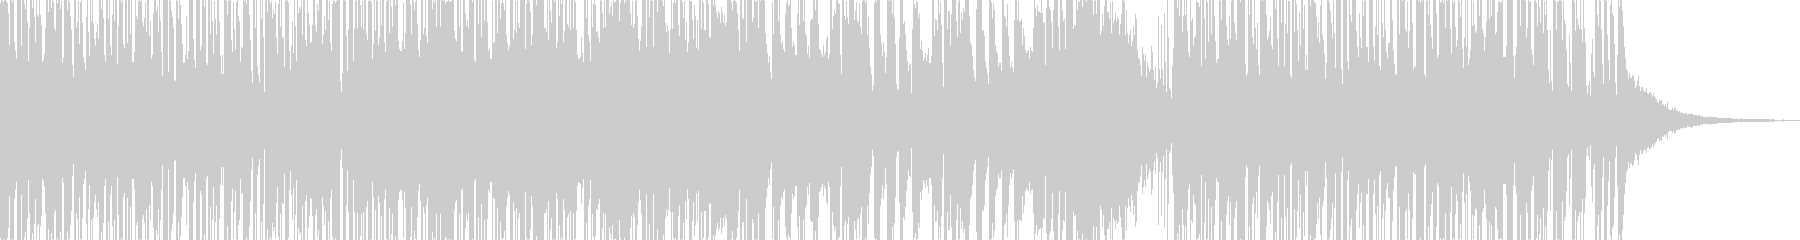 トランペットが印象的なファンクの未再生の波形